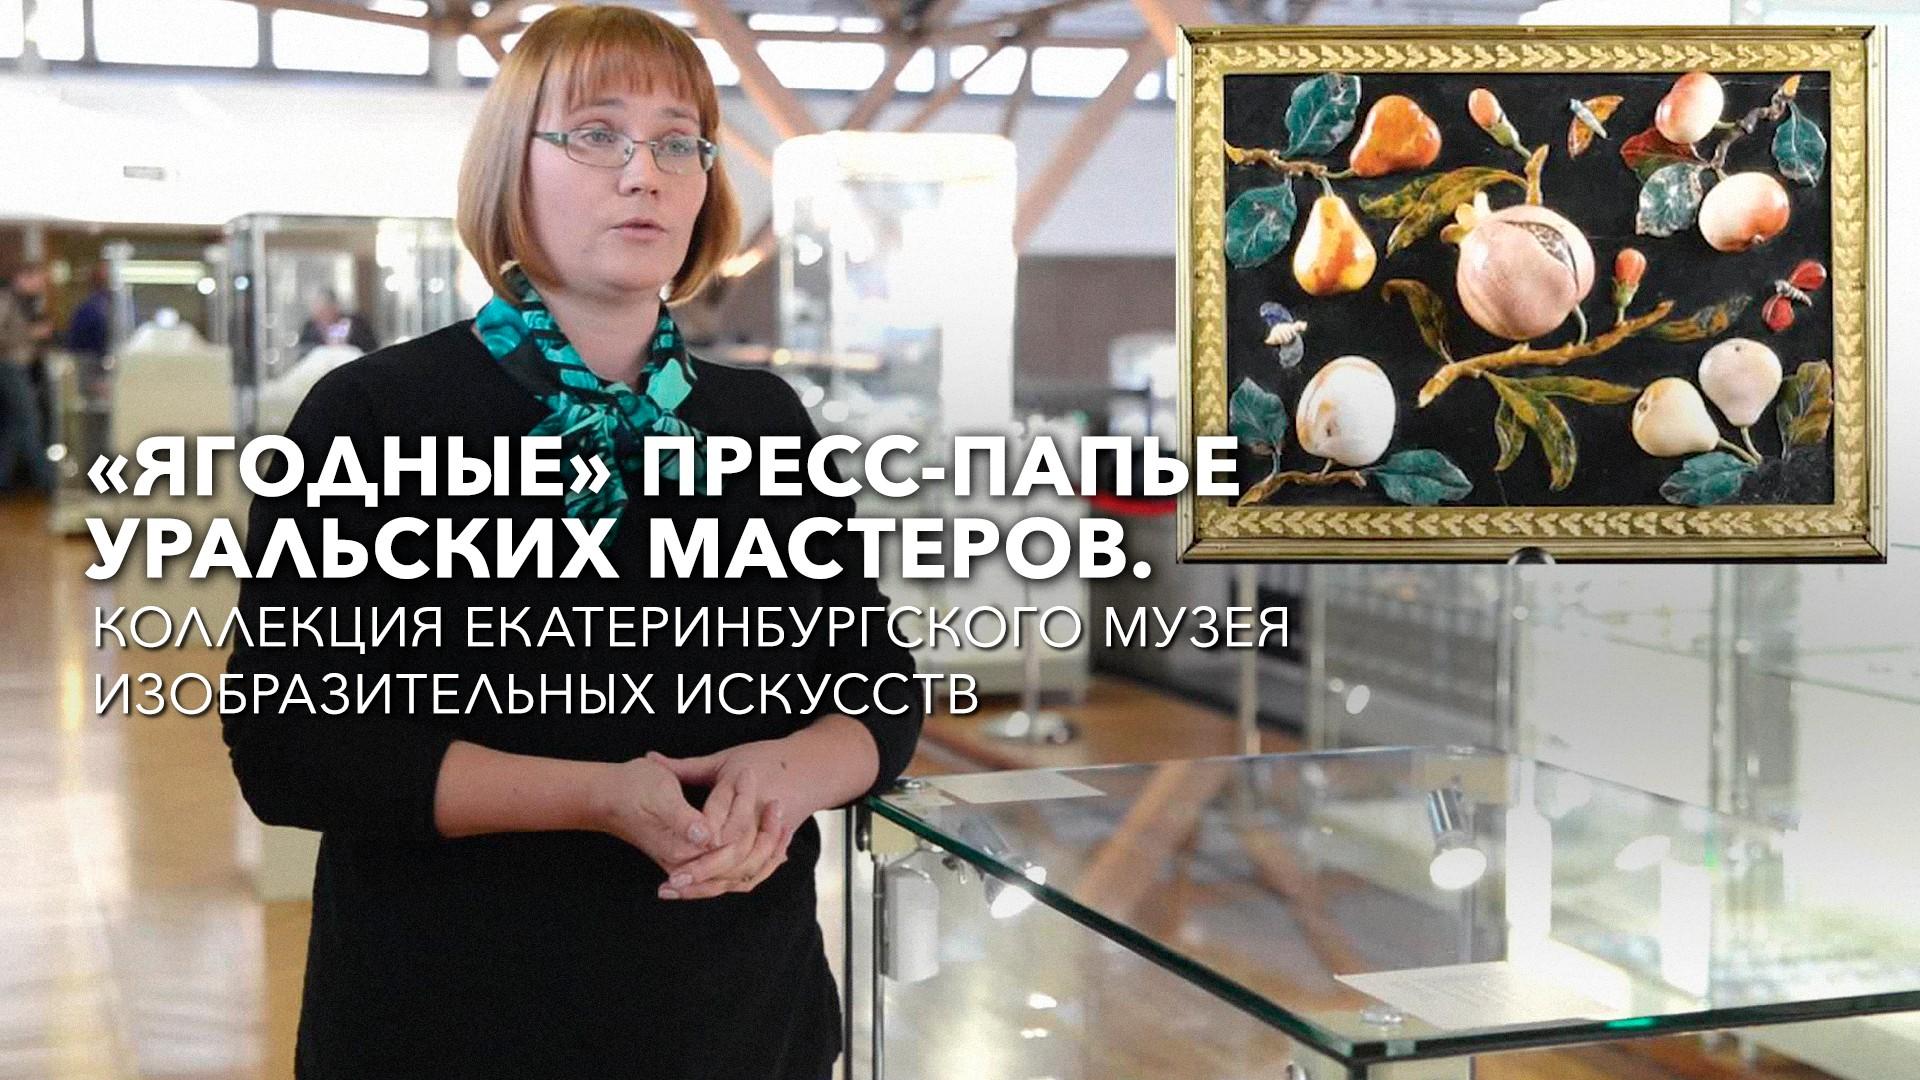 «Ягодные» пресс-папье уральских мастеров. Коллекция Екатеринбургского музея изобразительных искусств